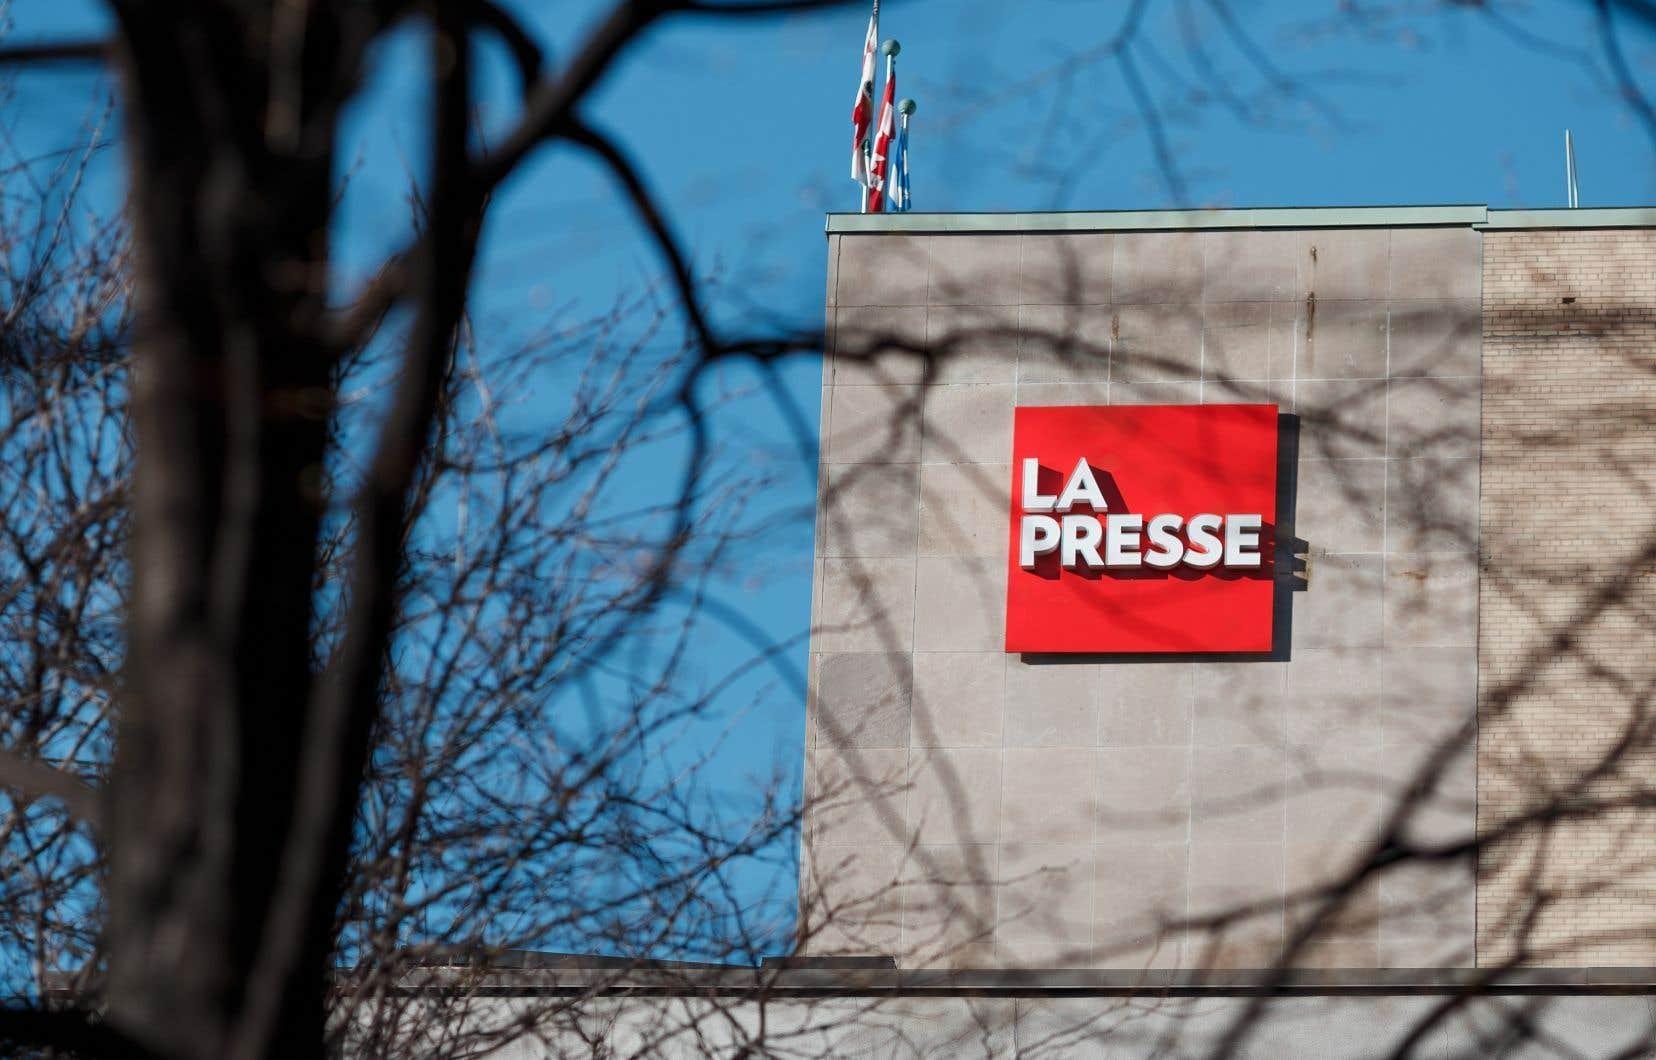 Le quotidien<em> La Presse</em> a annoncé à ses employés jeudi après-midi que les salaires de tous les employés seraient baissés de 10% jusqu'en 2021.